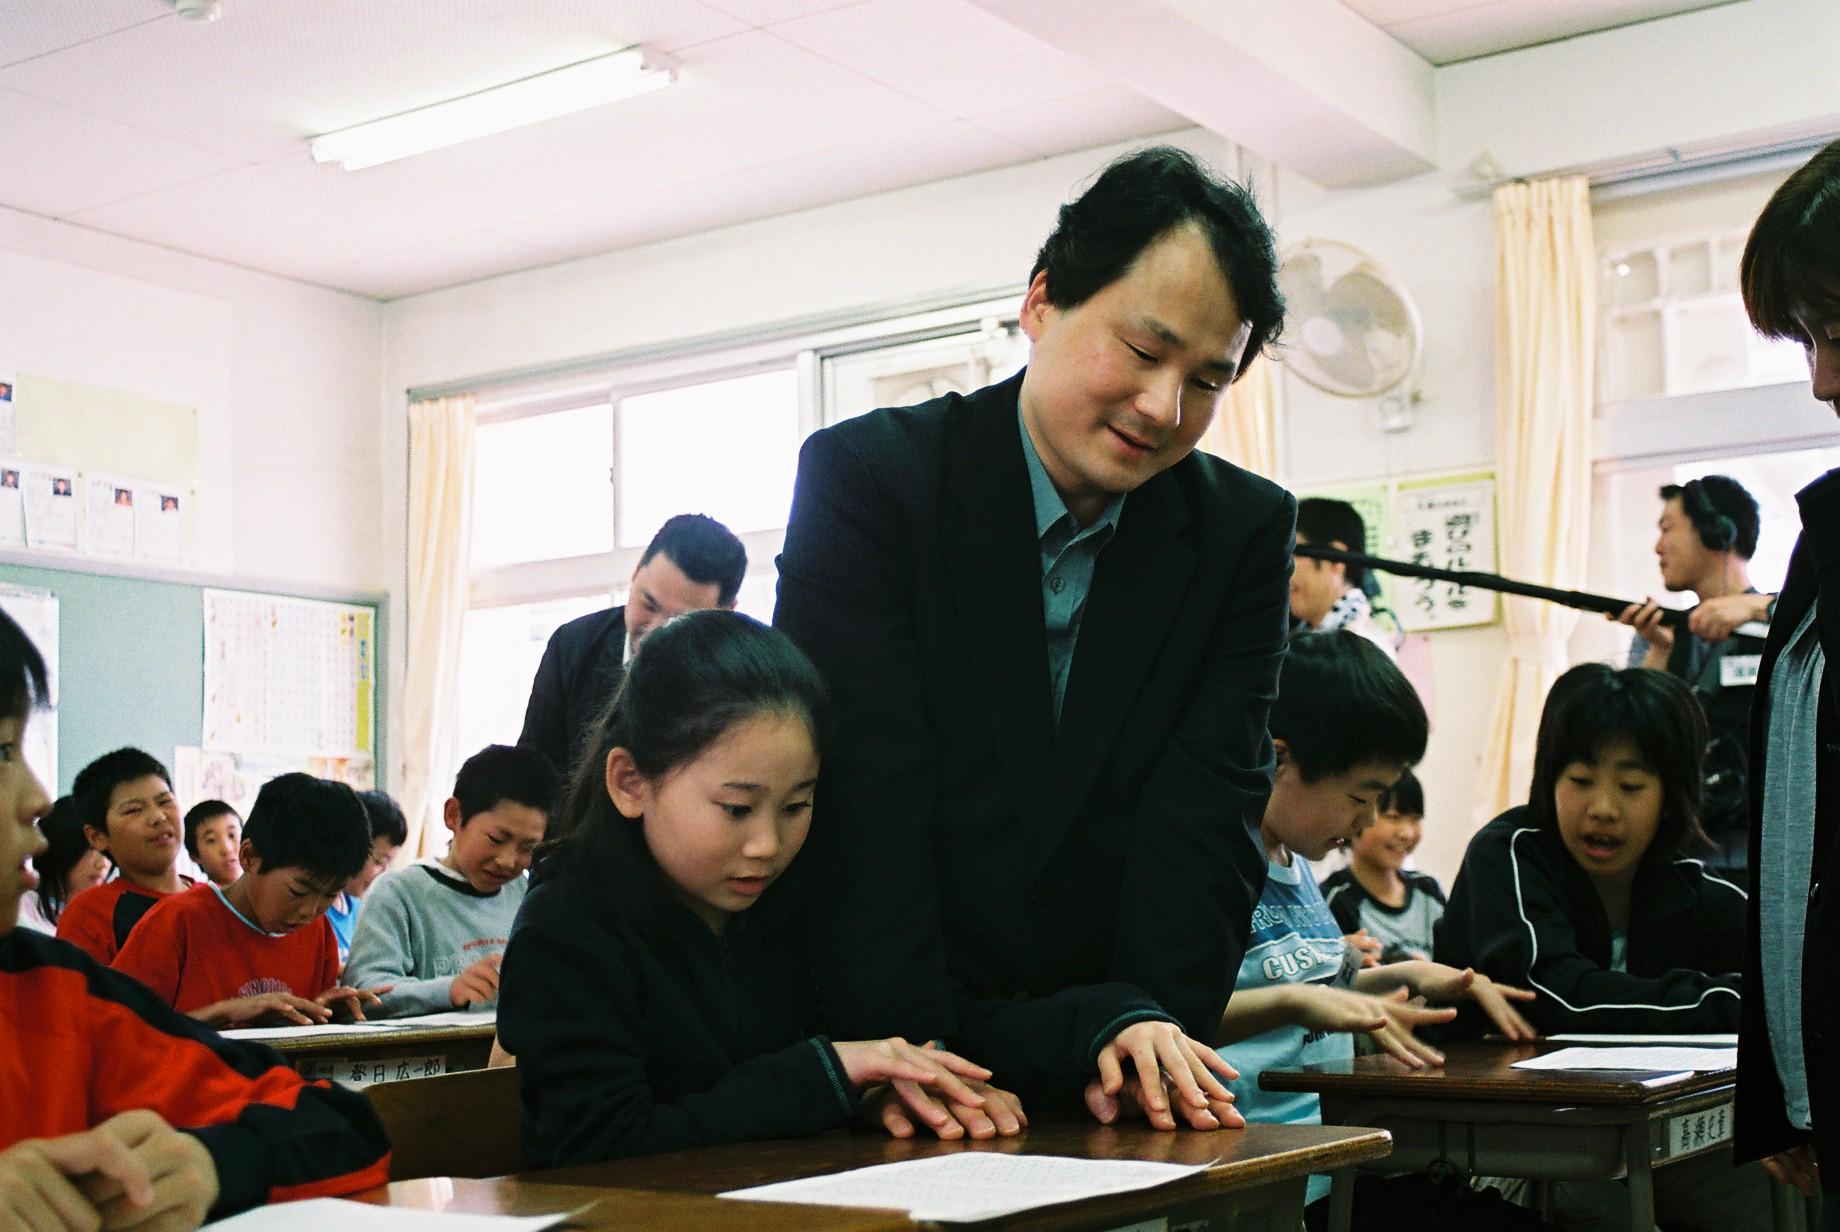 다큐10+ - 어둠속의 빛이 되다-후쿠시마 교수의 이야기